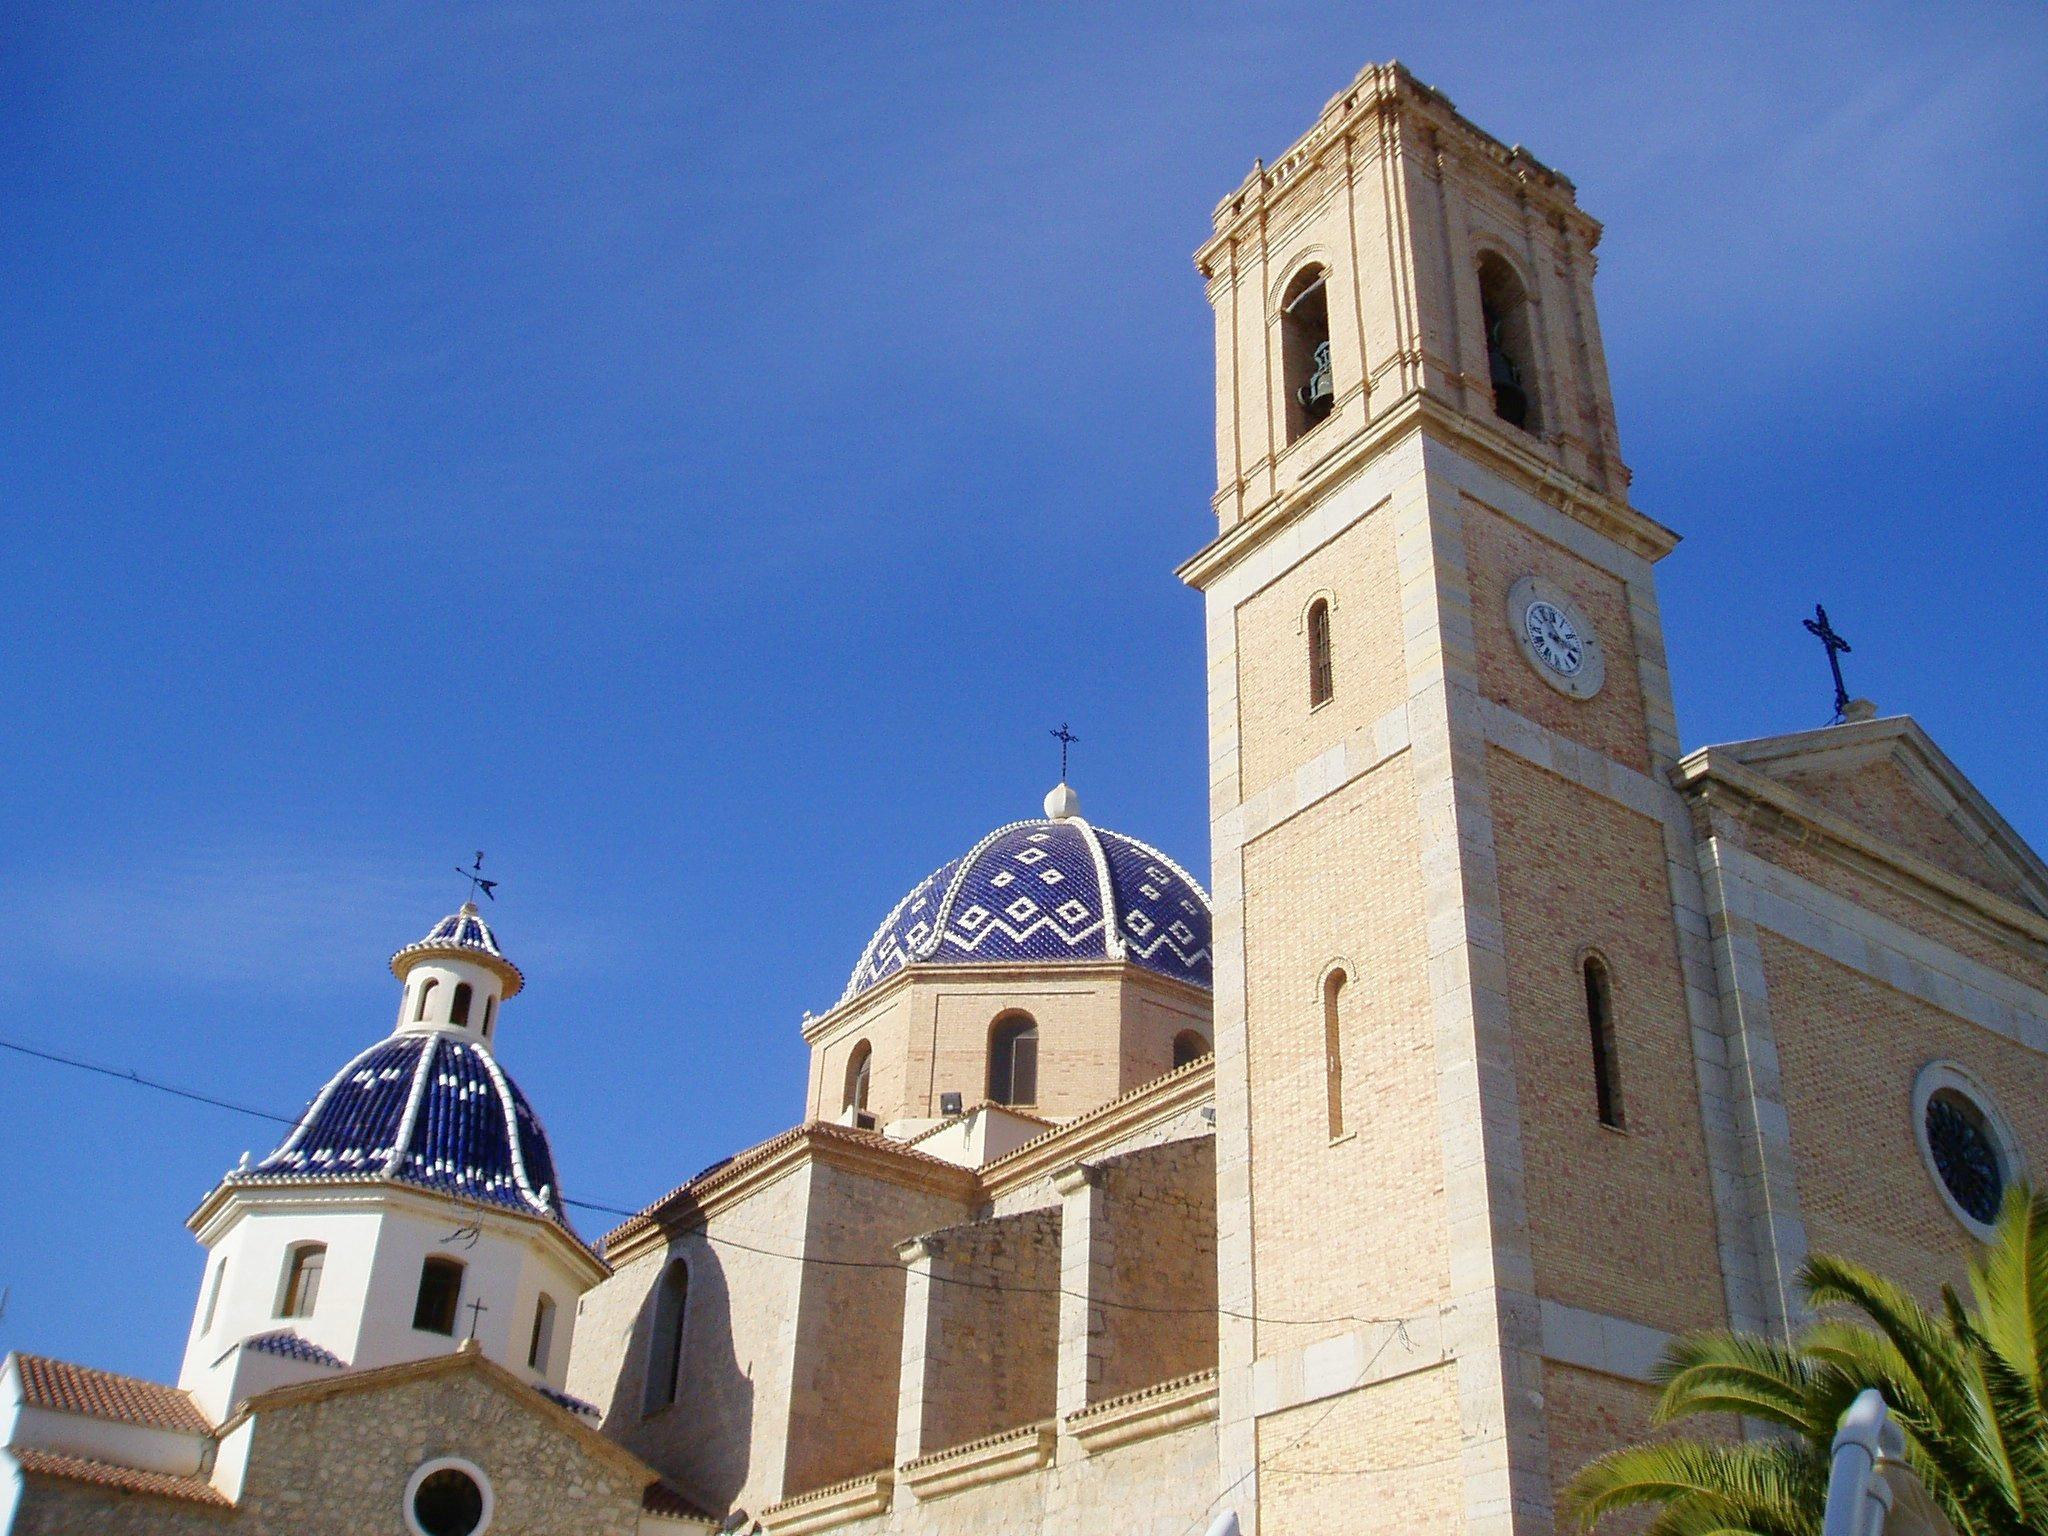 Altea-church, Spain